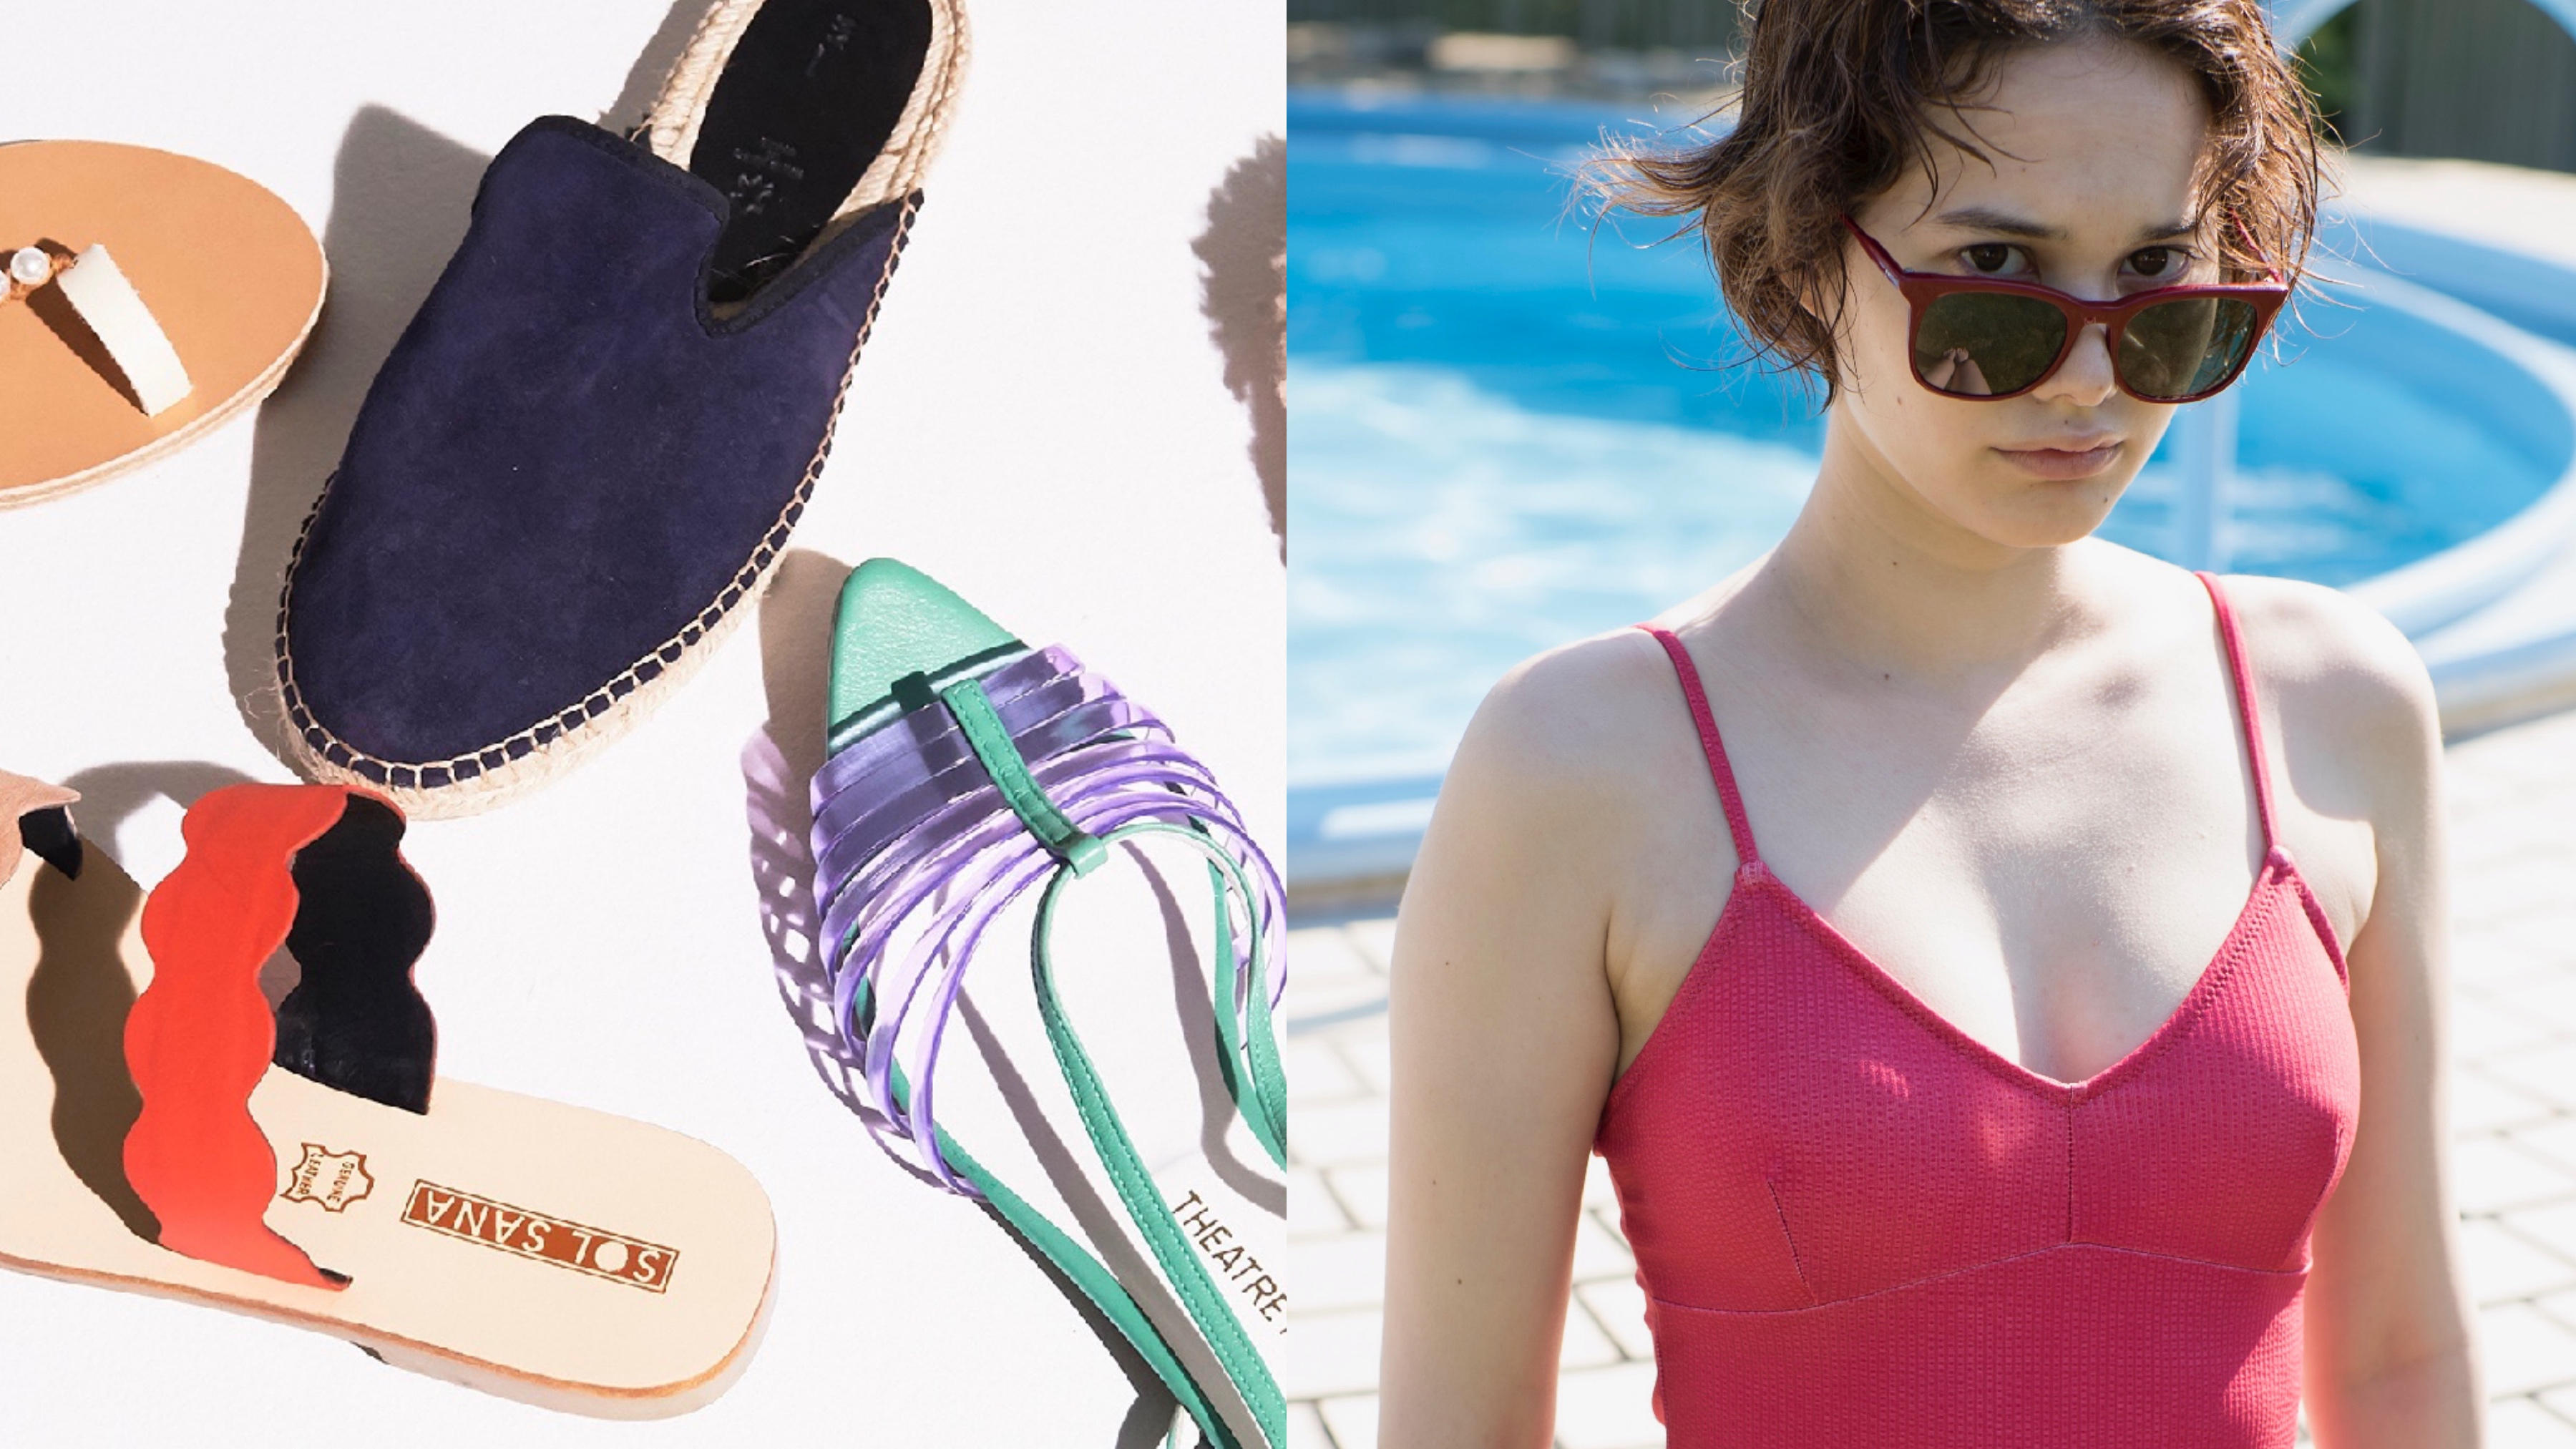 ビーチで視線を独り占め! 夏を満喫する水際ファッションまとめ